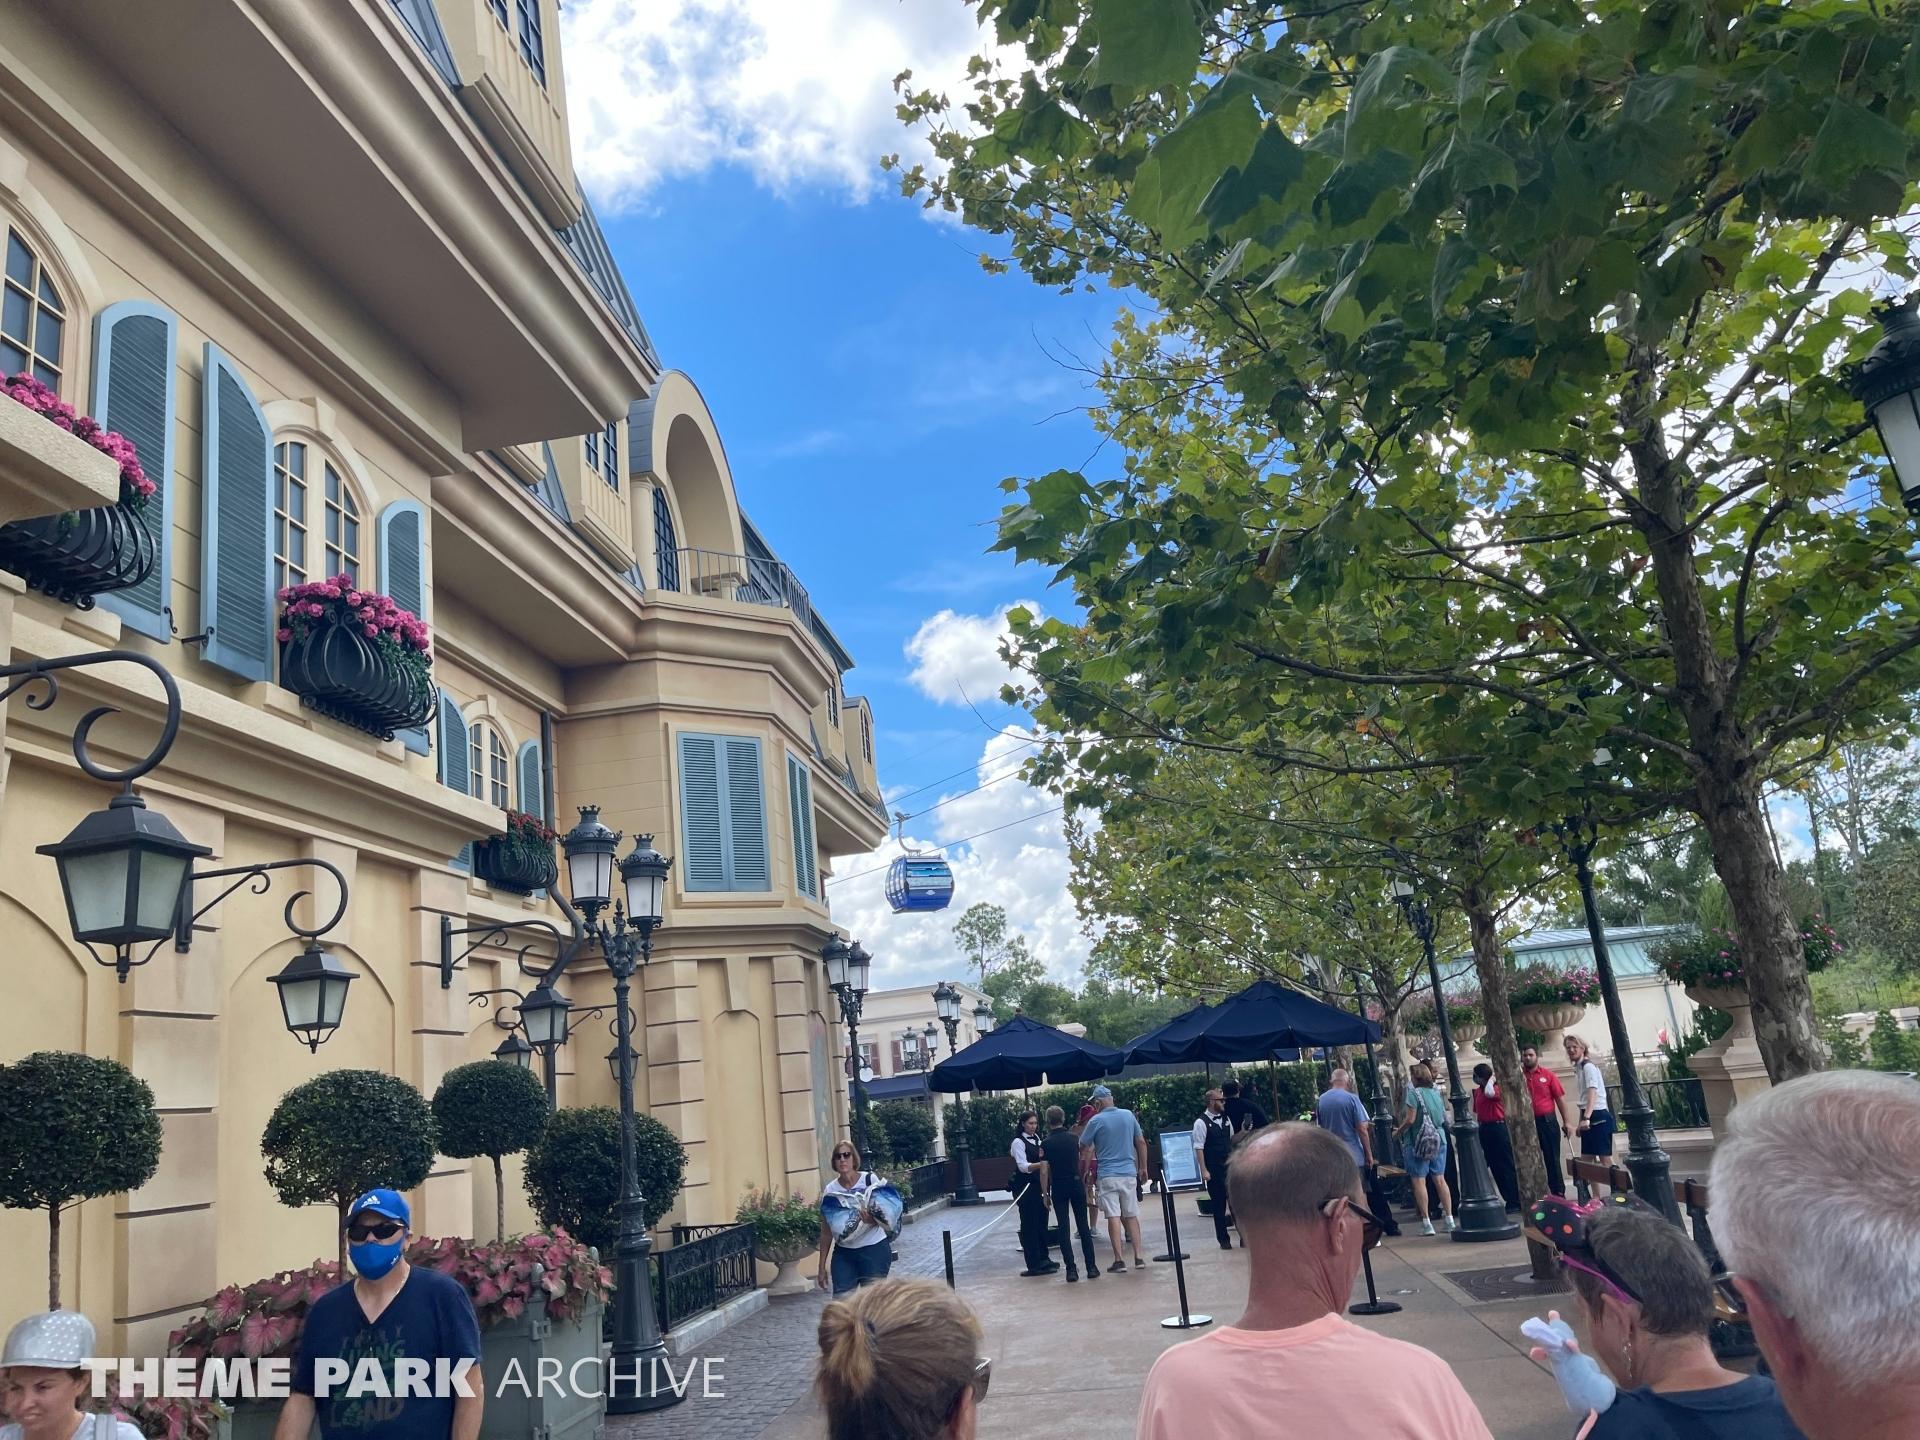 France at EPCOT